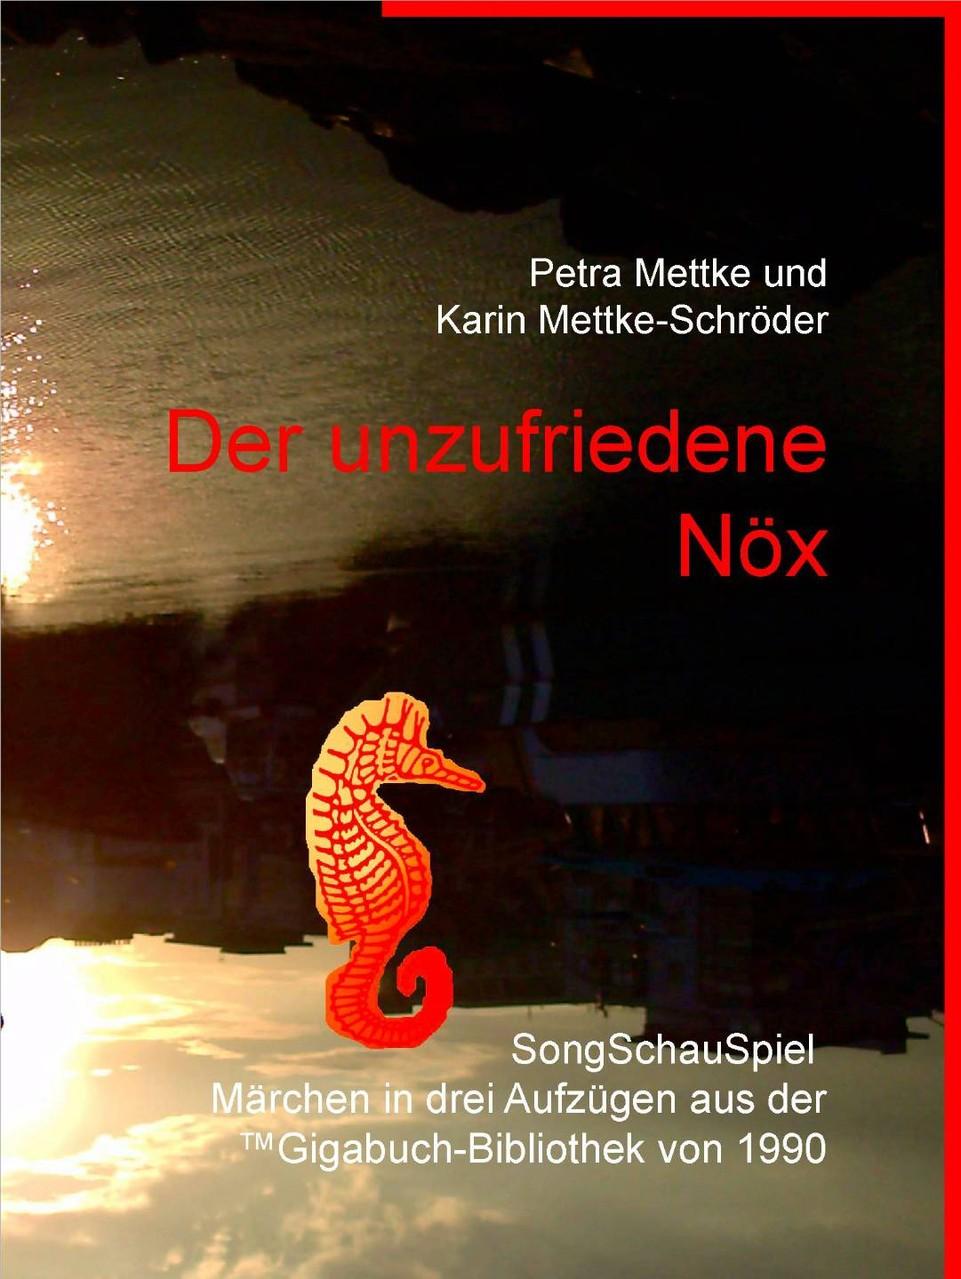 Petra Mettke, Karin Mettke-Schröder/Der unzufriedene Nöx/SongSchauSpiel aus der ™Gigabuch Bibliothek von 1990/e-Short  ISBN 9783734713309